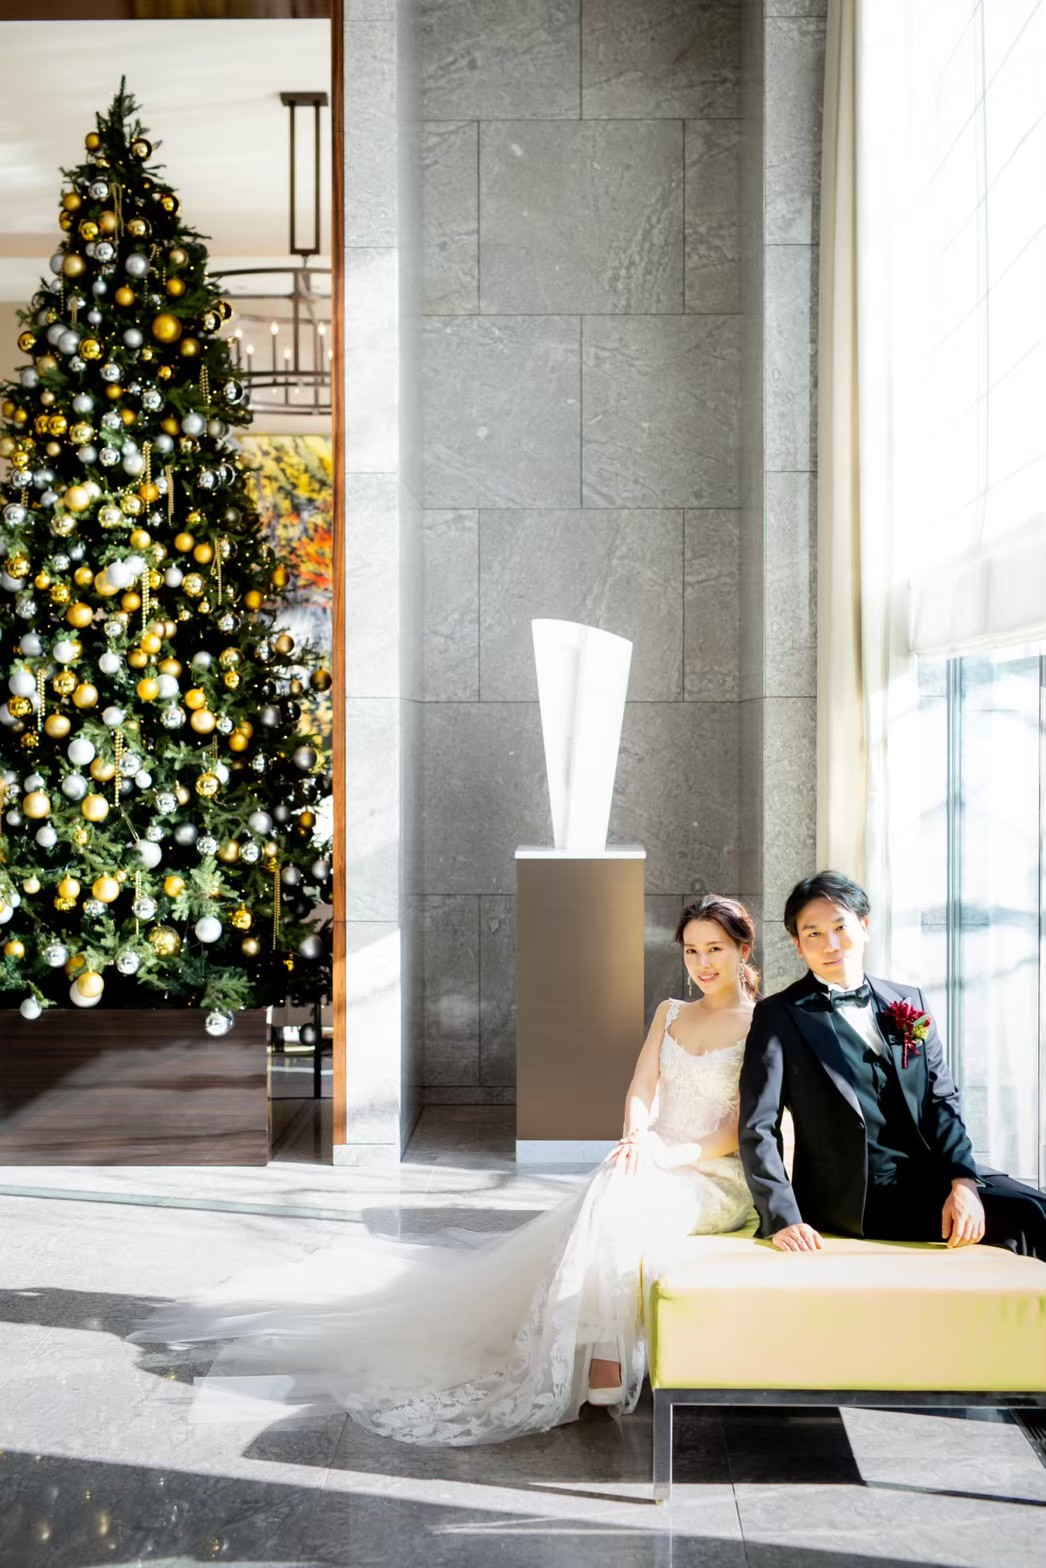 ホリデーシーズンに飾られるクリスマスツリーが印象的なパレスホテル東京のエントランスでは、季節を感じるお写真を残すことが出来ます